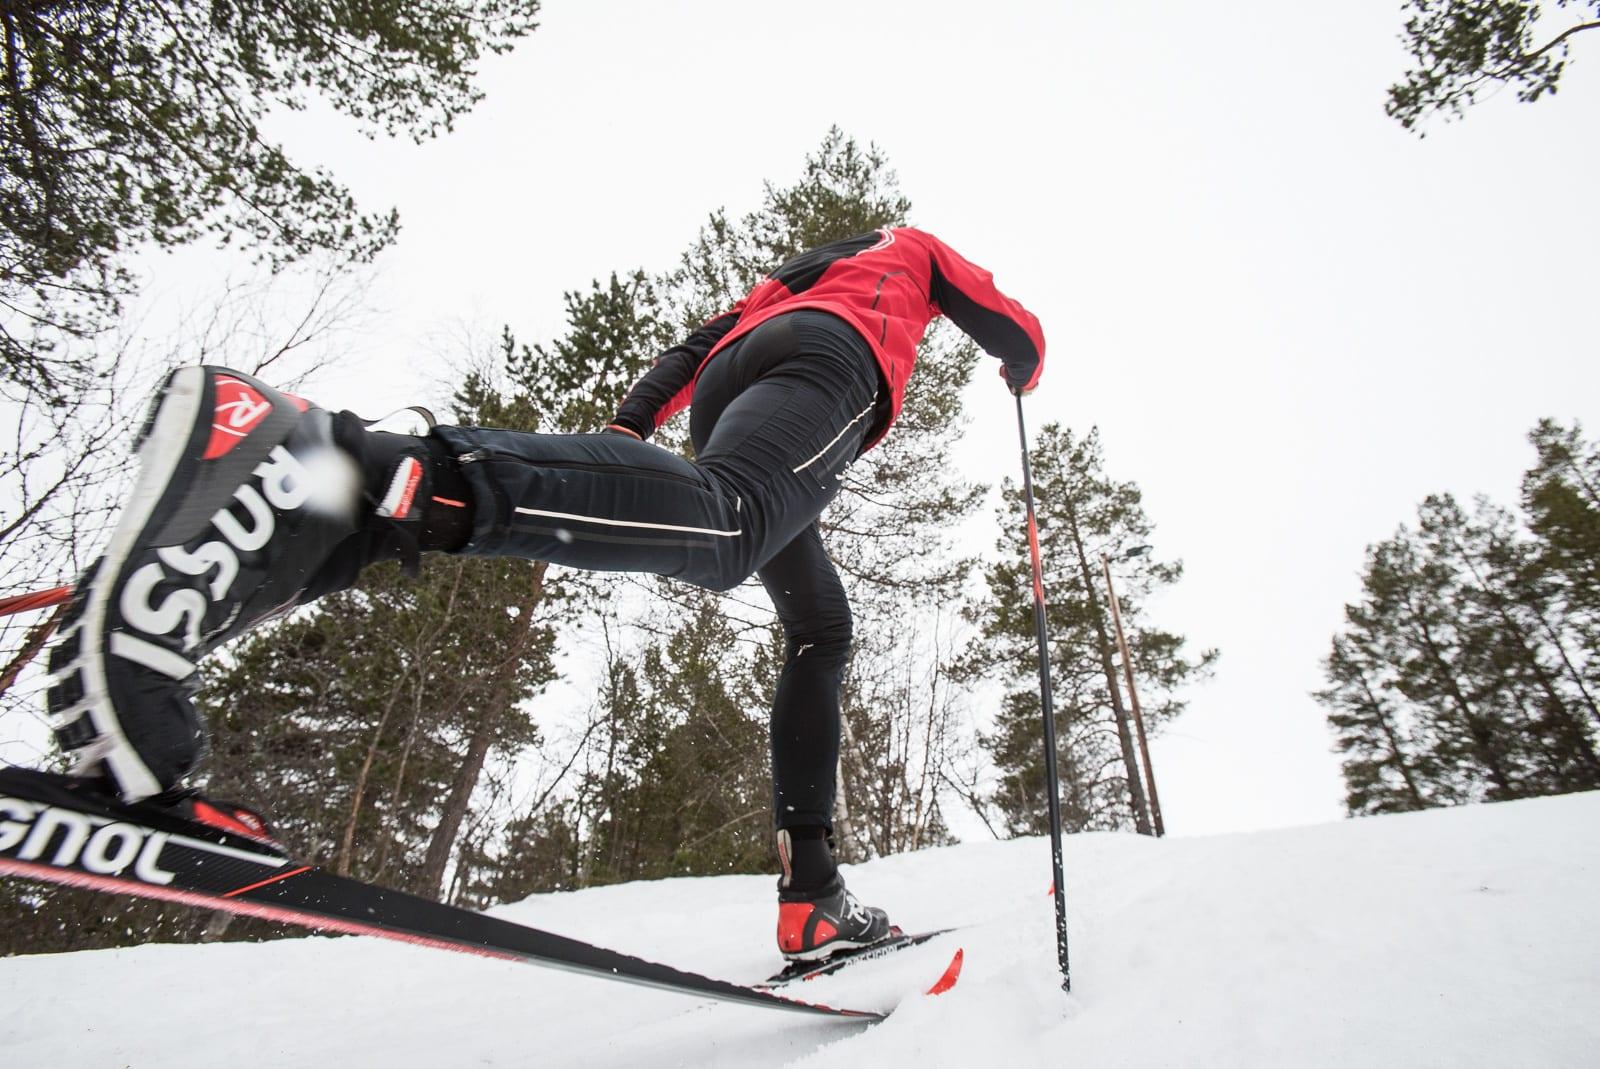 TO FELLESKI OR NOT TO FELLESKI: Kommer skismøring alltid til å være proffenes valg, eller vil det komme bedre alternativer. Spørsmålet er kanskje heller år enn om skiftet kommer. Bilde: Christian Nerdrum